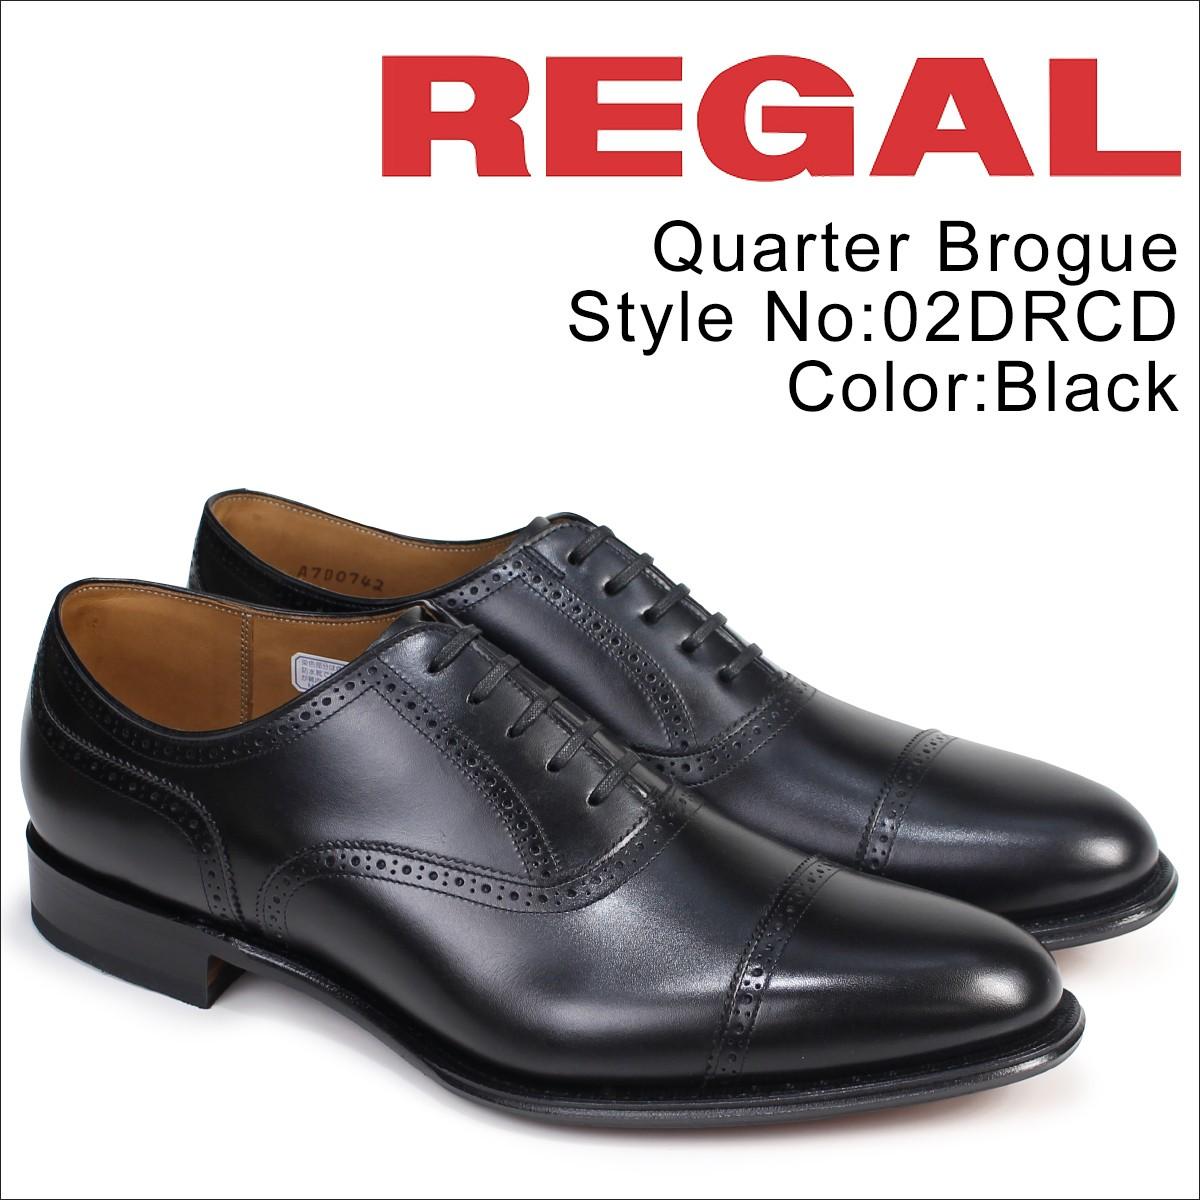 リーガル 靴 メンズ REGAL クォーターブローグ 02DR CD ビジネスシューズ ブラック [1/20 追加入荷]